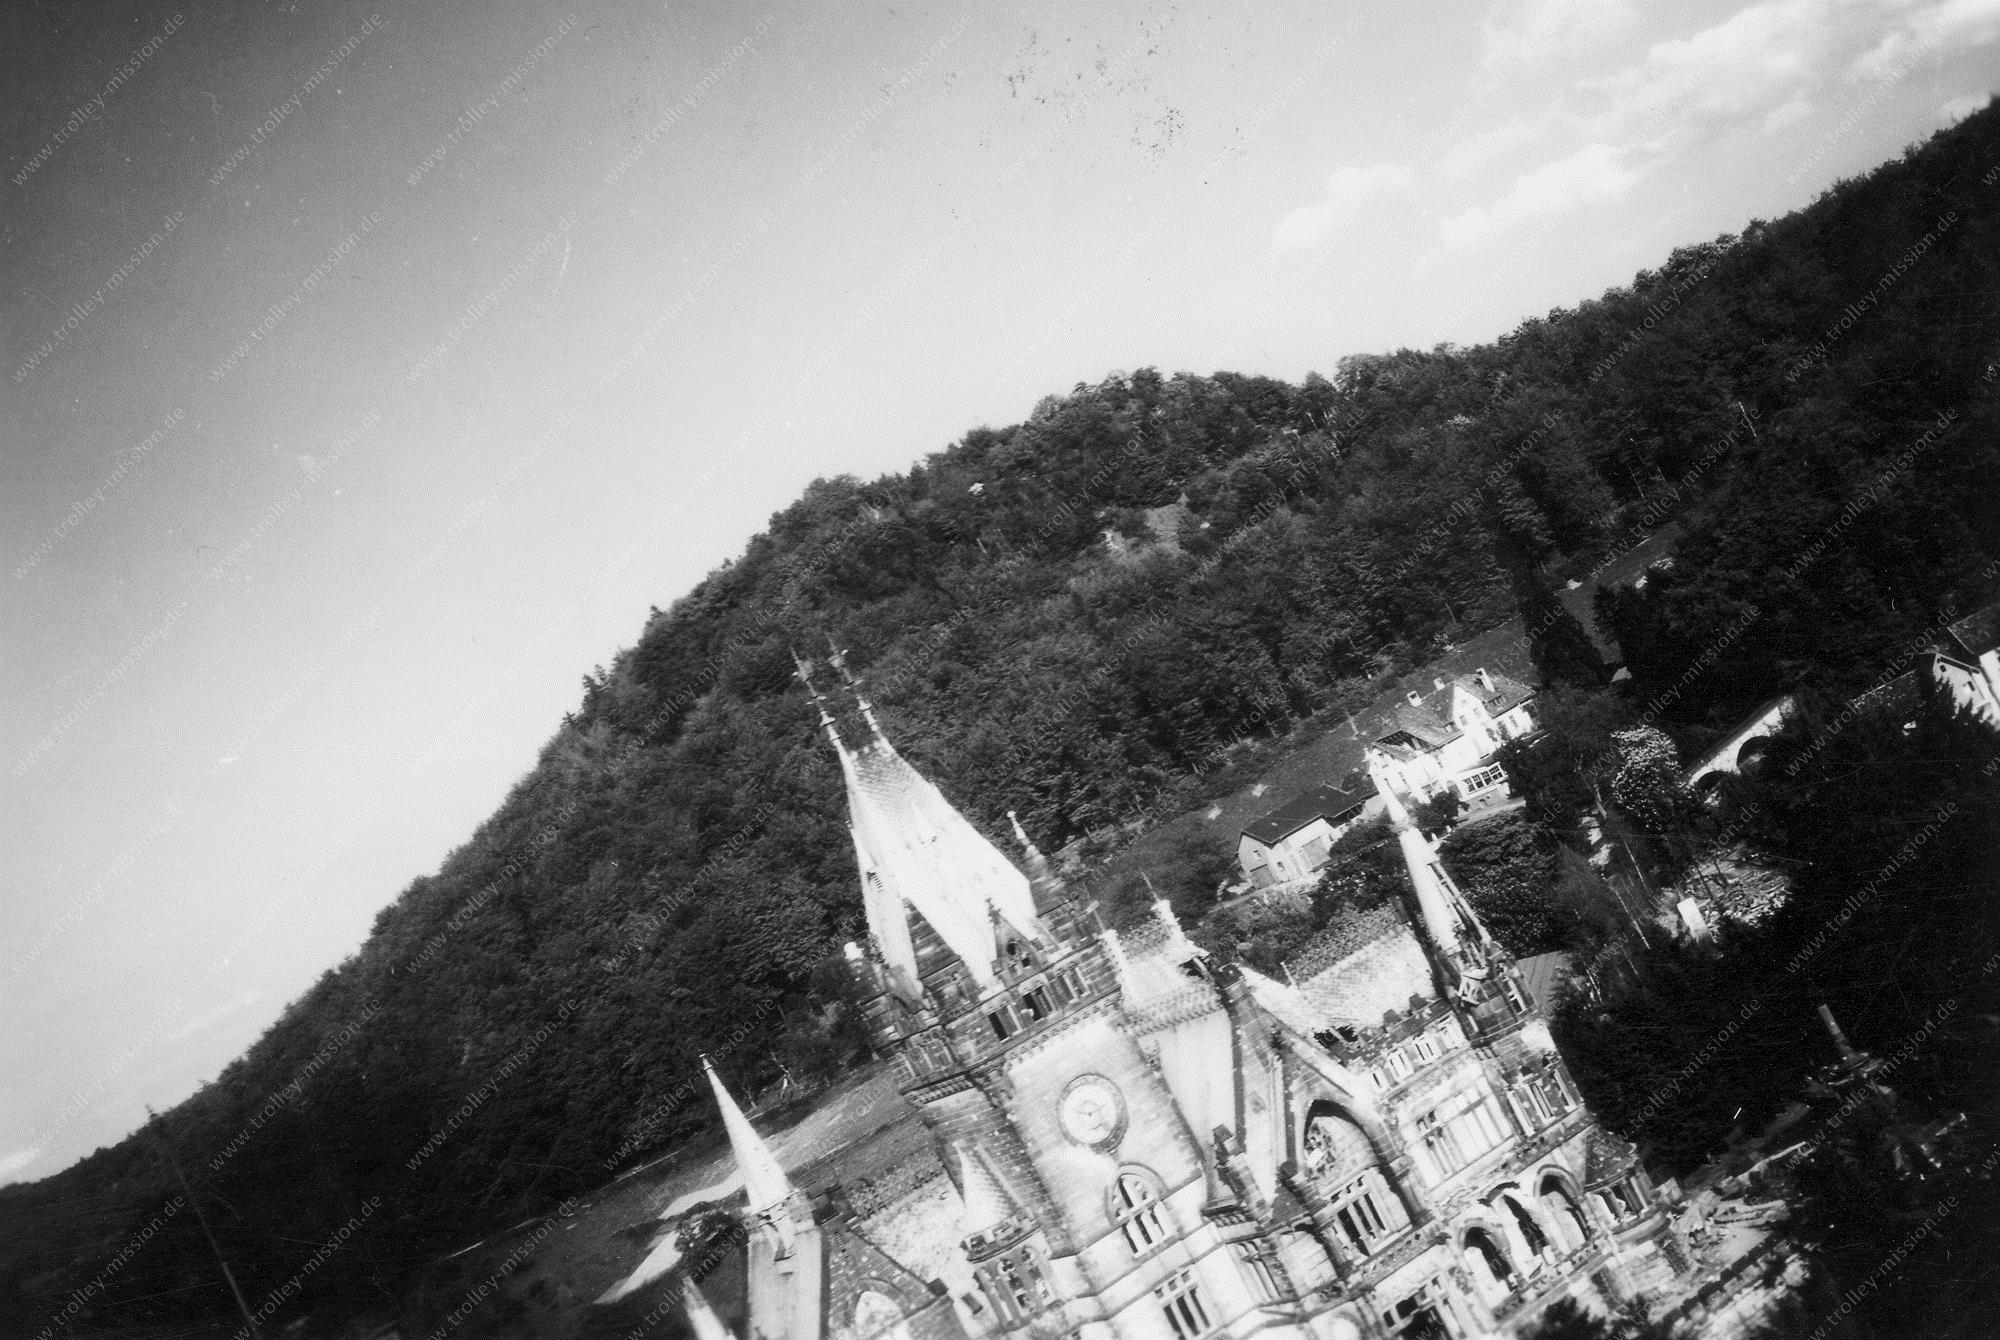 Luftbild der Drachenburg in Königswinter im Tiefflug